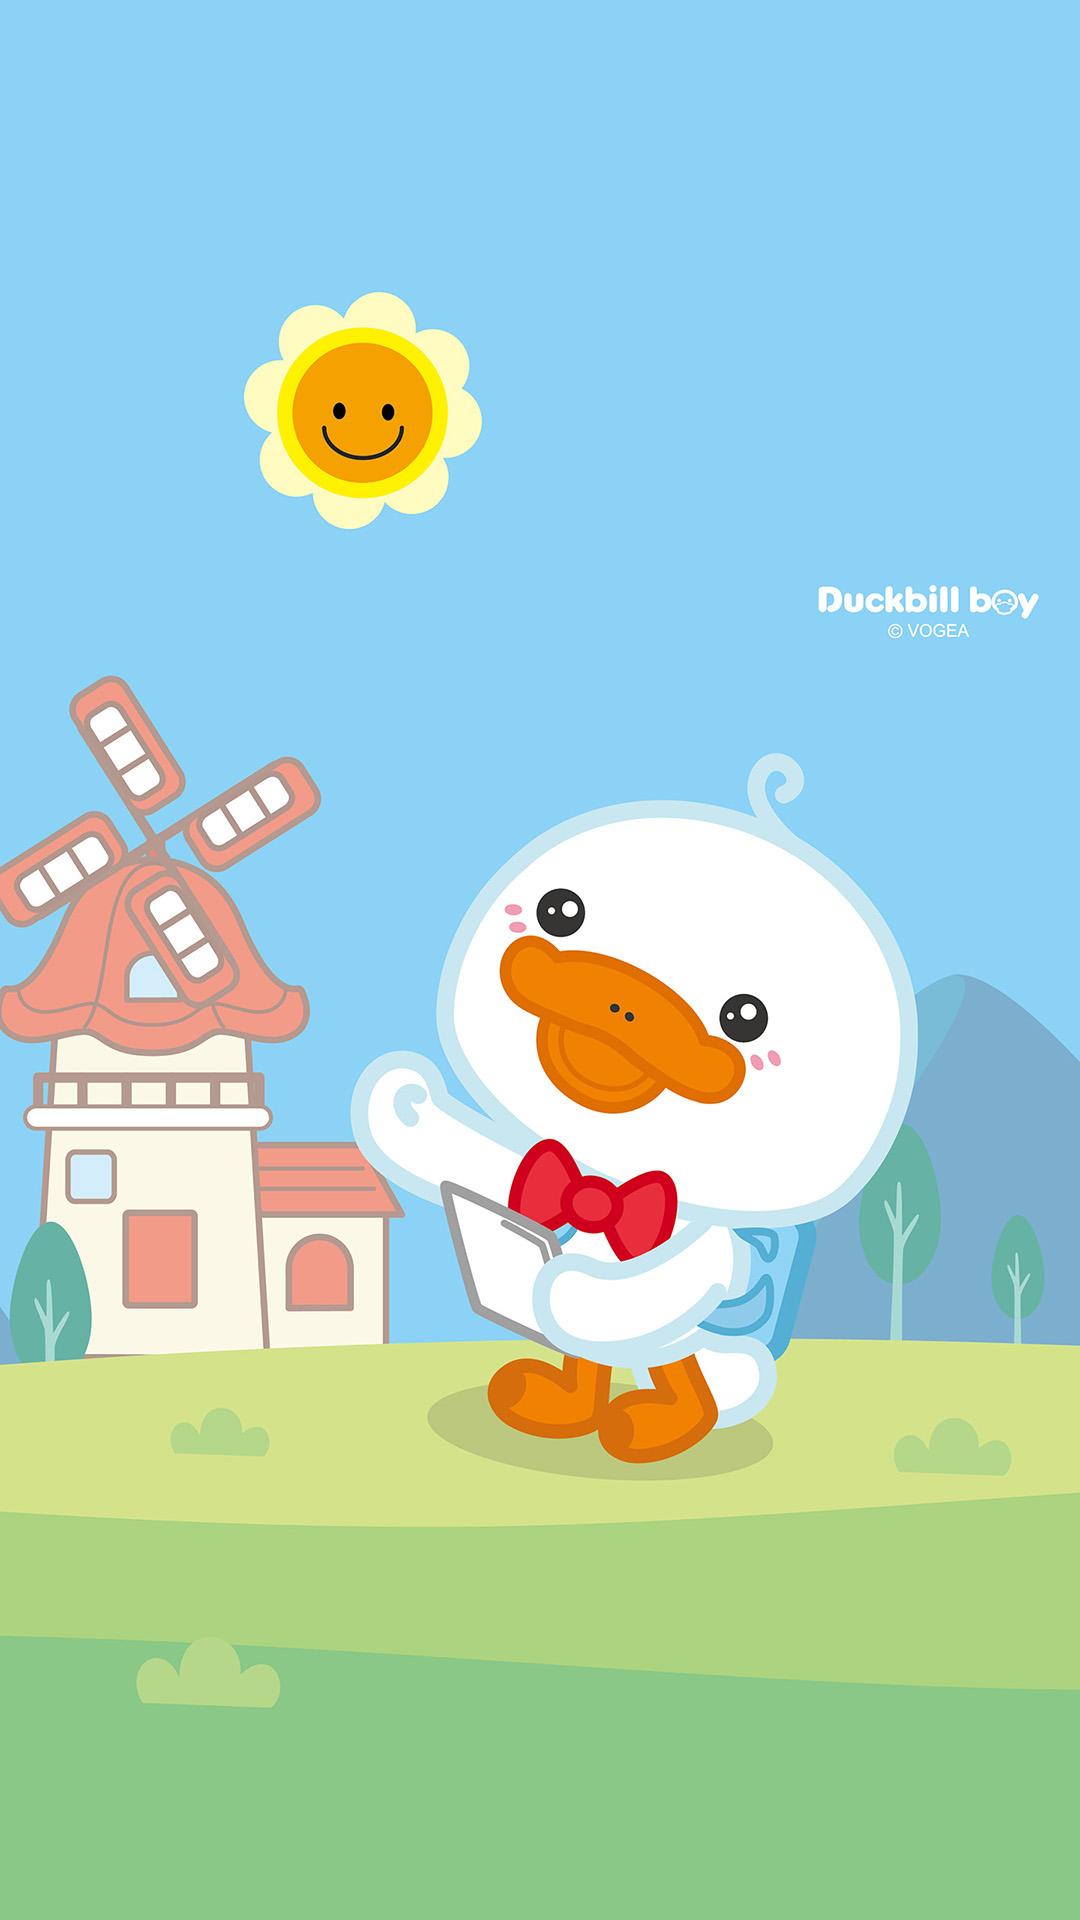 鸭嘴兽男孩《远游》主题萌萌哒手机壁纸